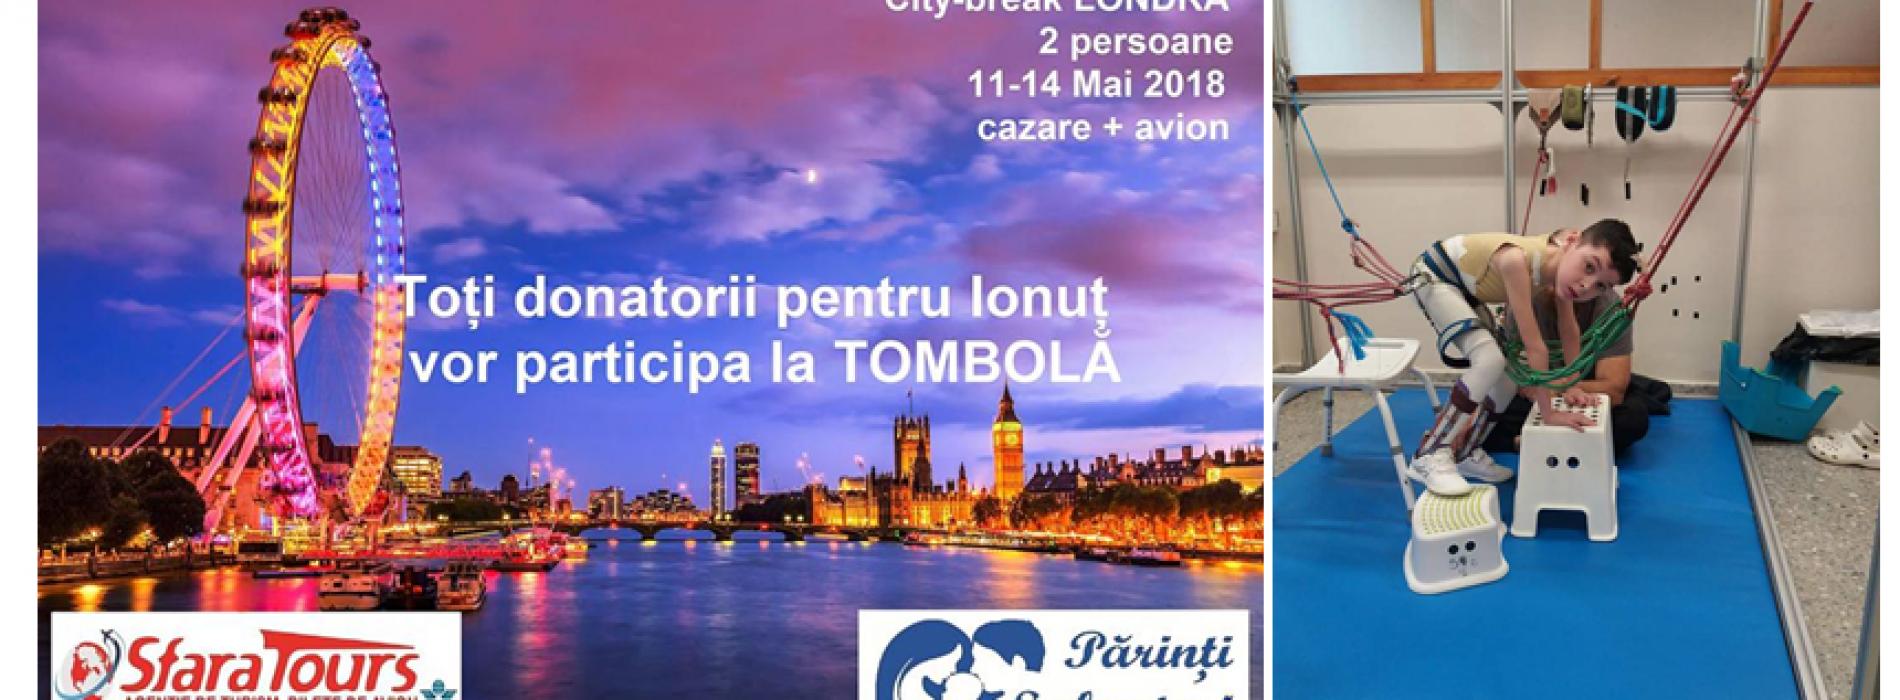 CITY-BREAK la Londra pentru cei care-l AJUTĂ pe IONUȚ